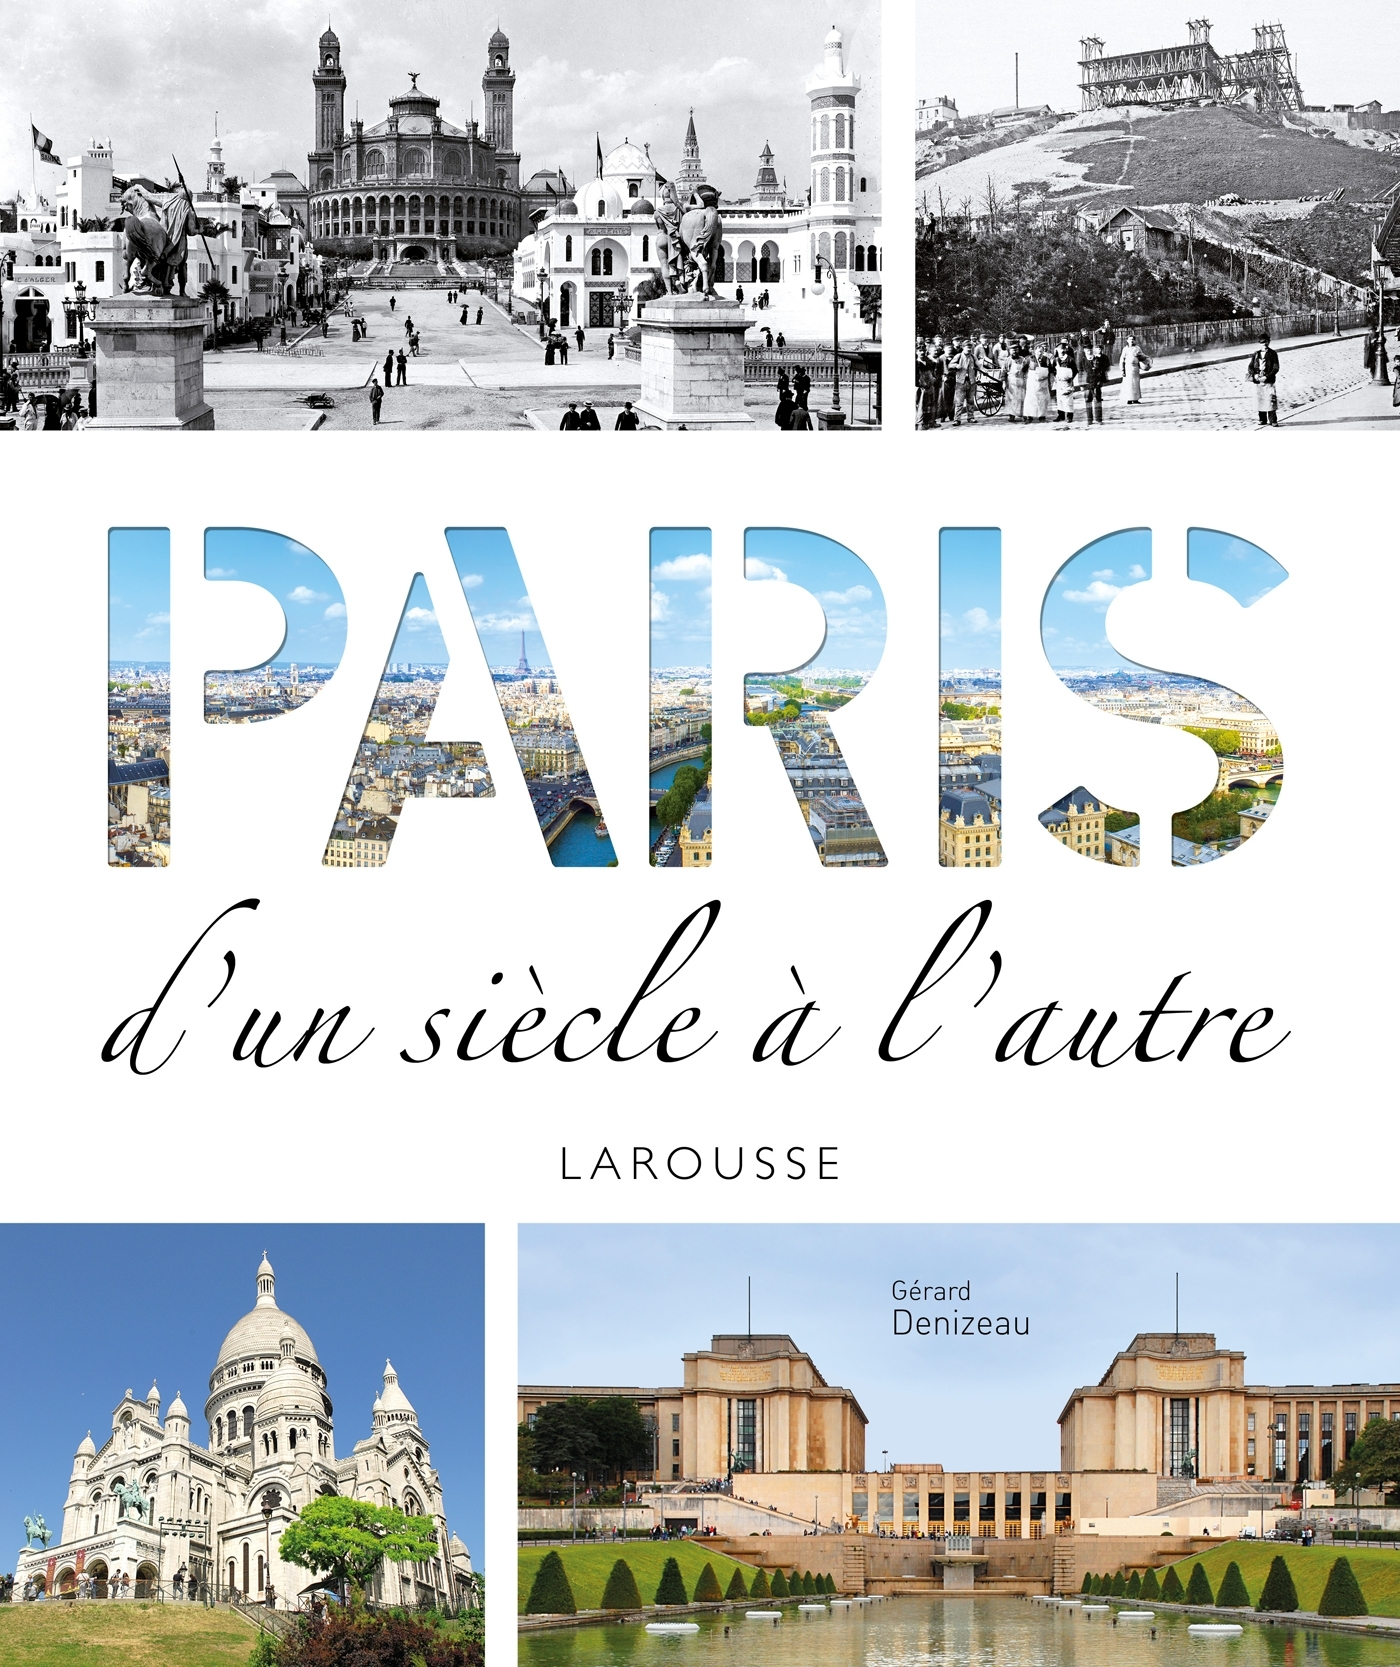 PARIS D'UN SIECLE A L'AUTRE